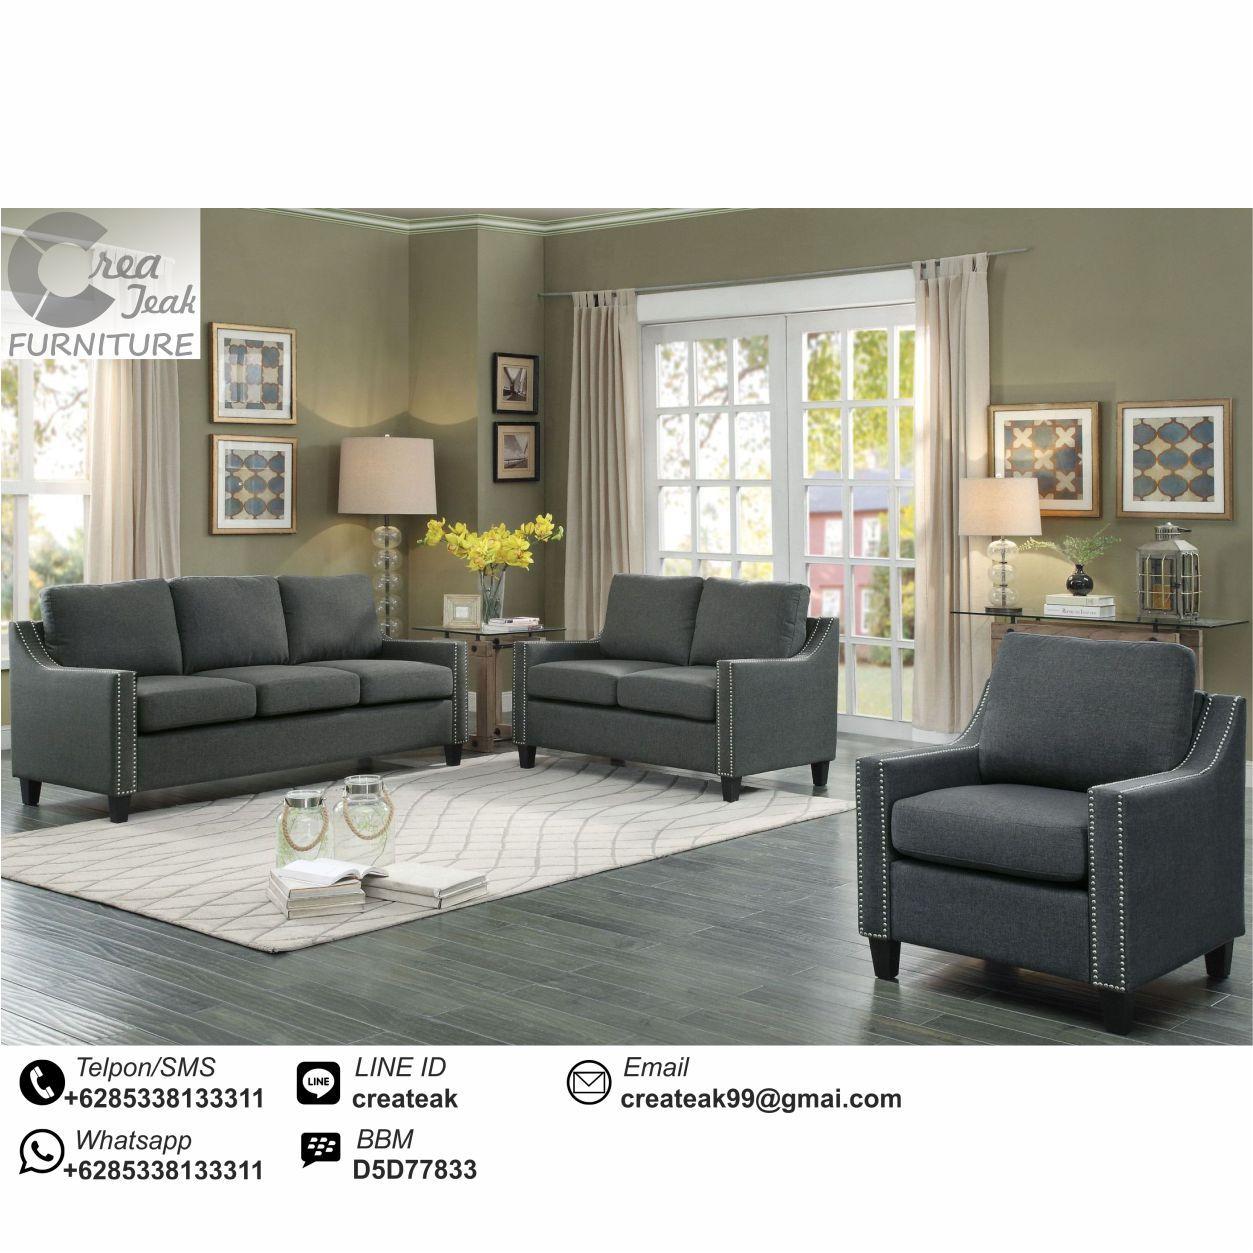 Set Sofa Tamu Minimalis Set Sofa Ruang Tamu Sofa Ruang Tamu Minimalis Sofa Modern Jual Sofa Minimalis Sofa Mur Ruang Tamu Abu Abu Set Ruang Keluarga Mebel Harga sofa ruang keluarga